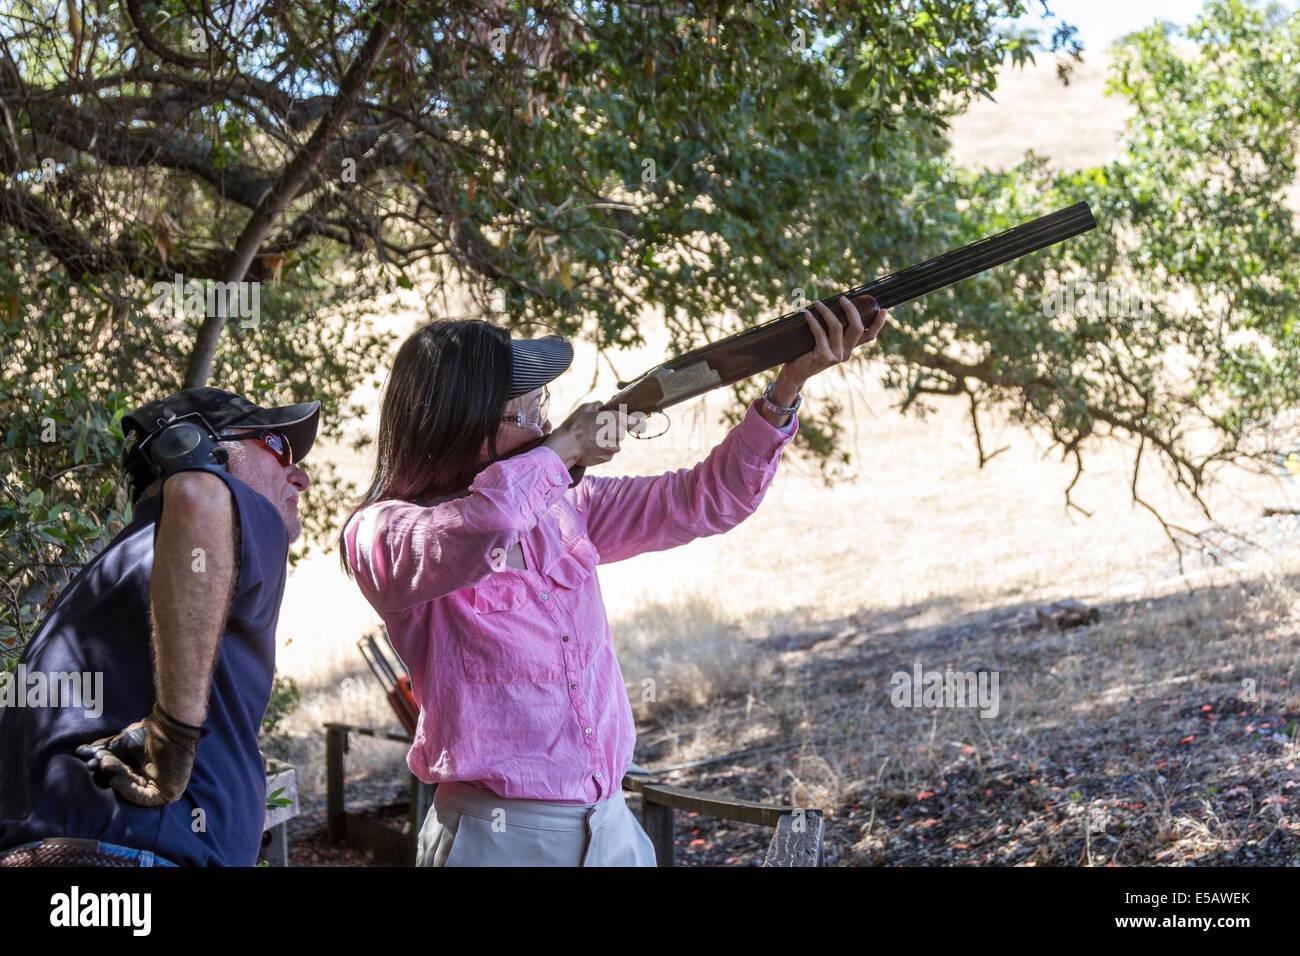 Asiatische Frau Tone mit einer Schrotflinte schießen, wie ihr Lehrer lehrt wie man schießt Stockbild